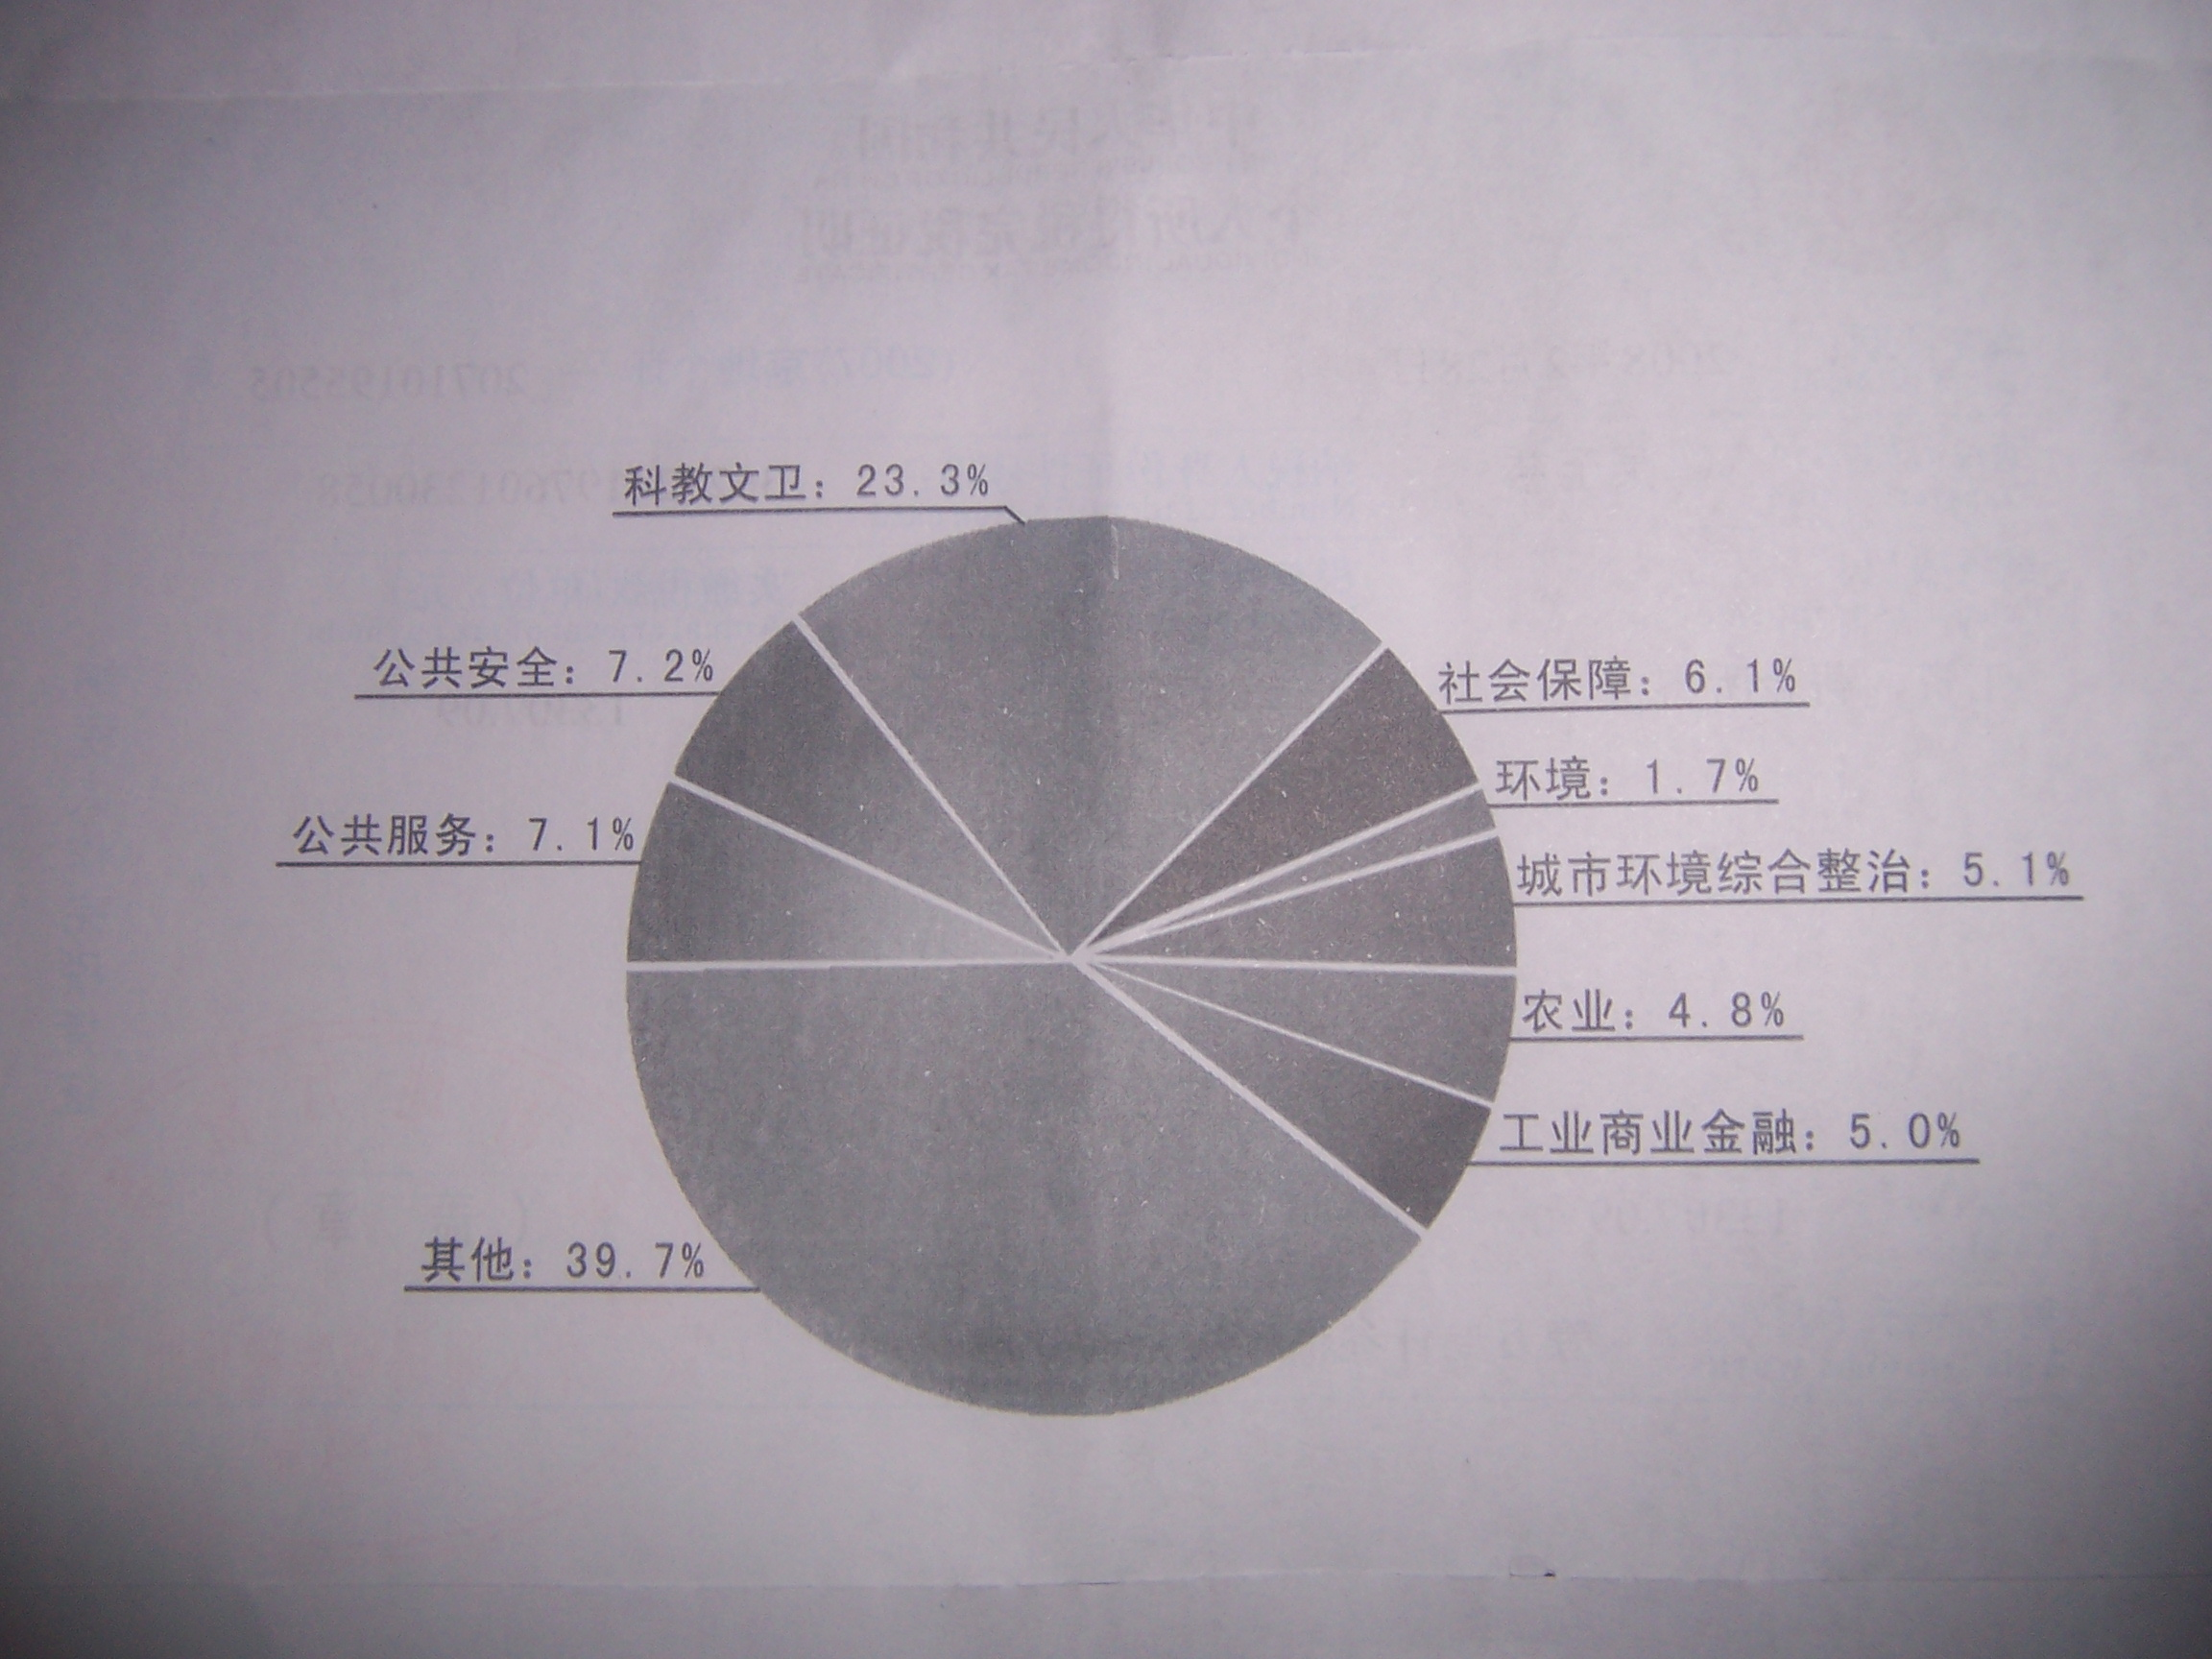 2007年北京市级财政支出结构情况